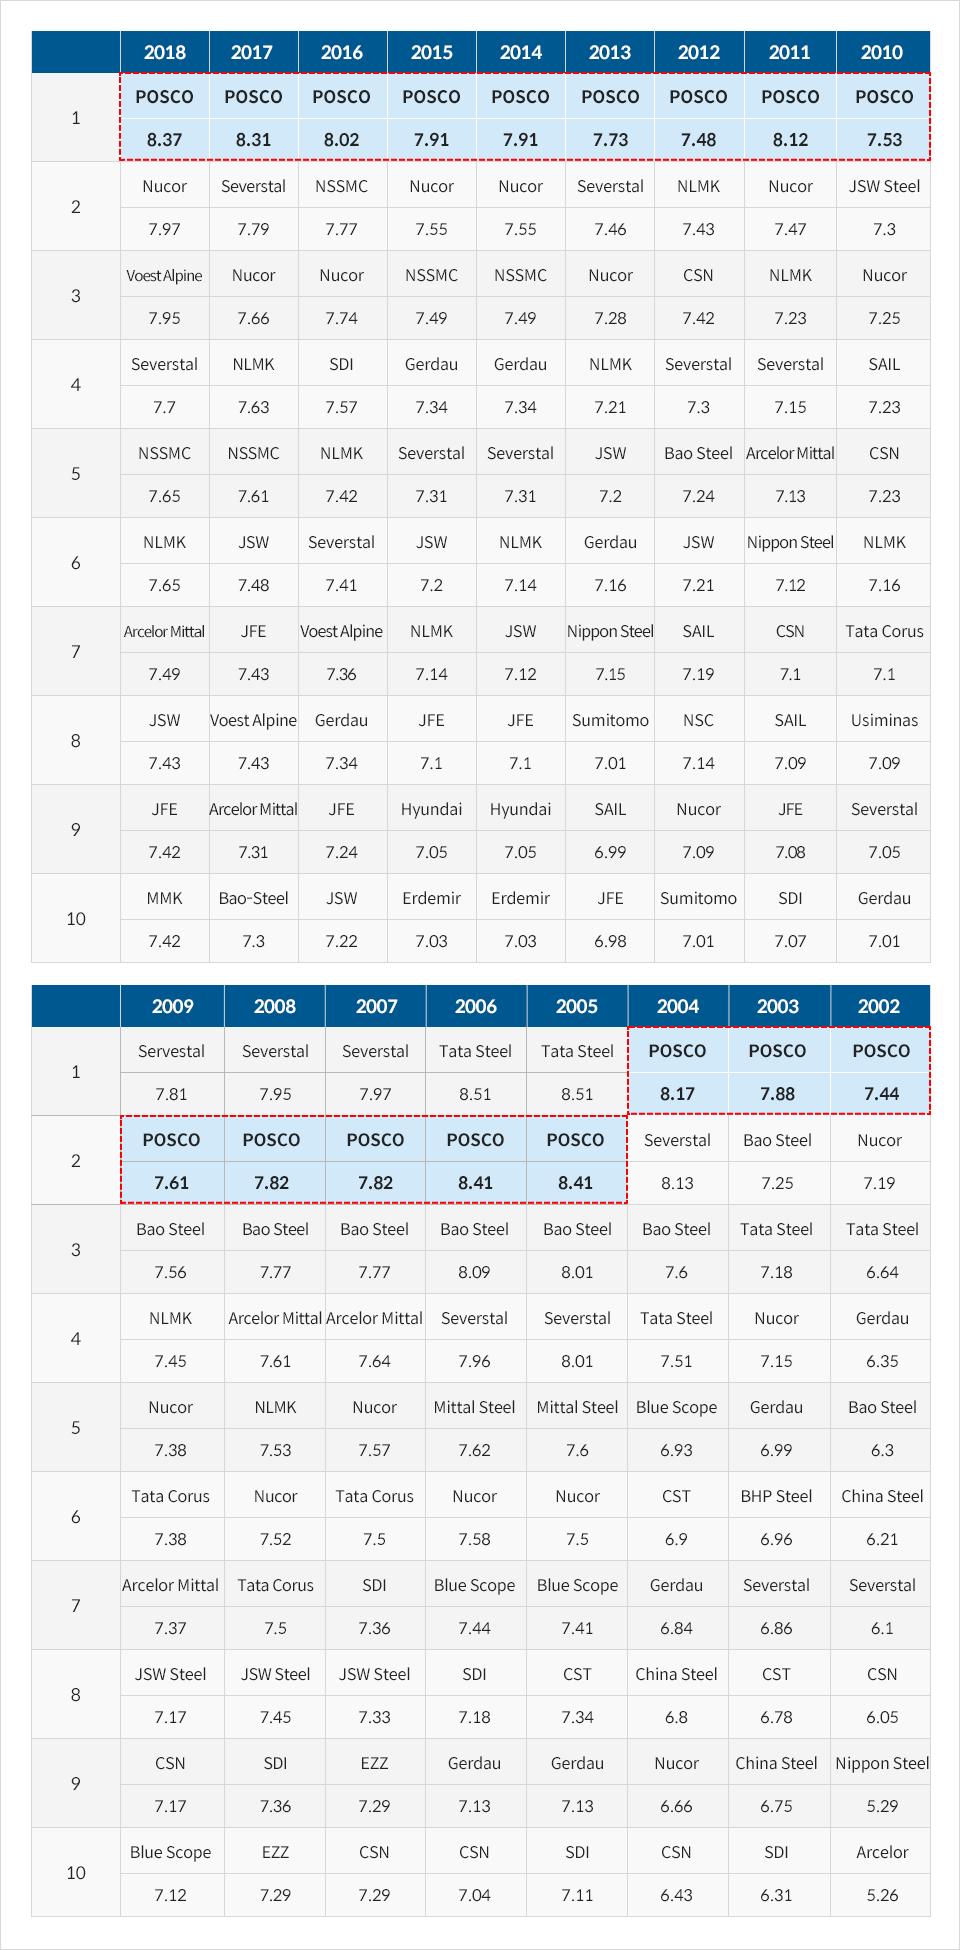 WSD Steelmaker Ranking Progress from 2002 to 2018